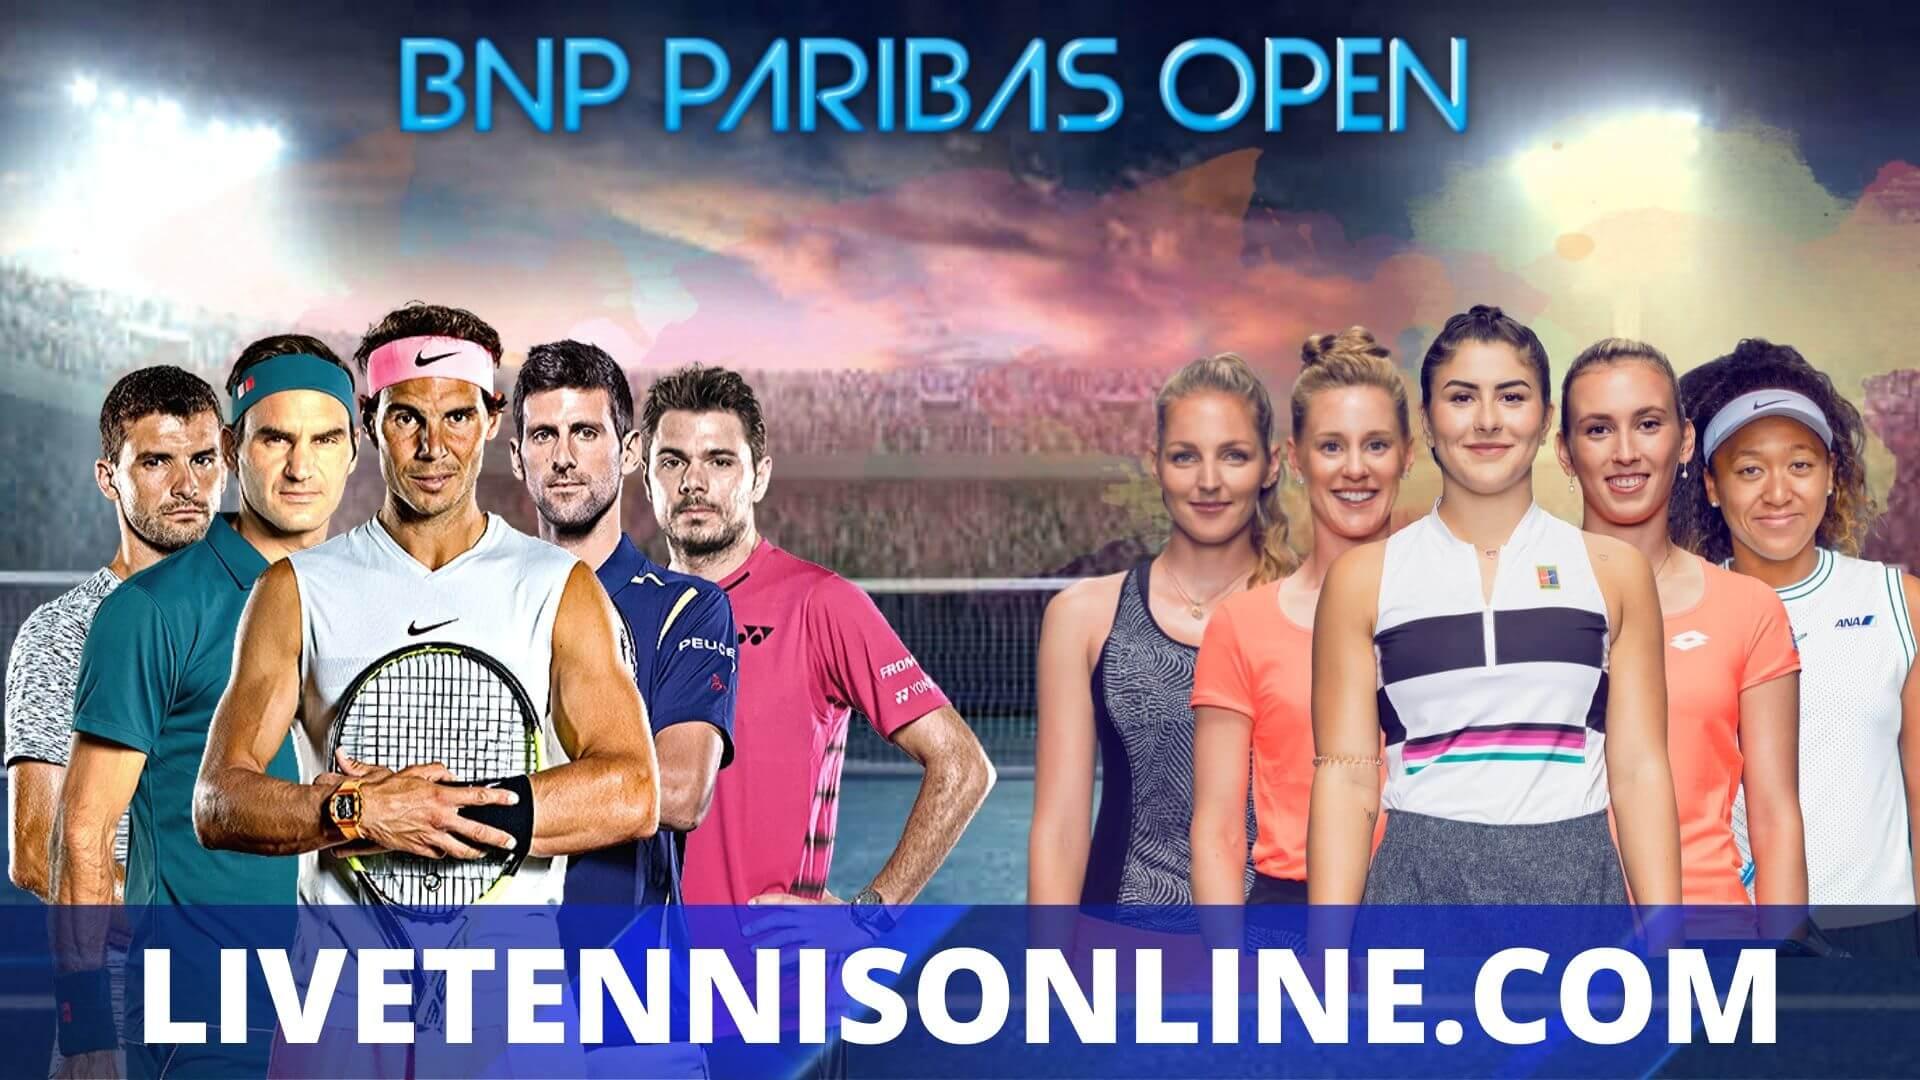 BNP Paribas Open 2018 HD Live